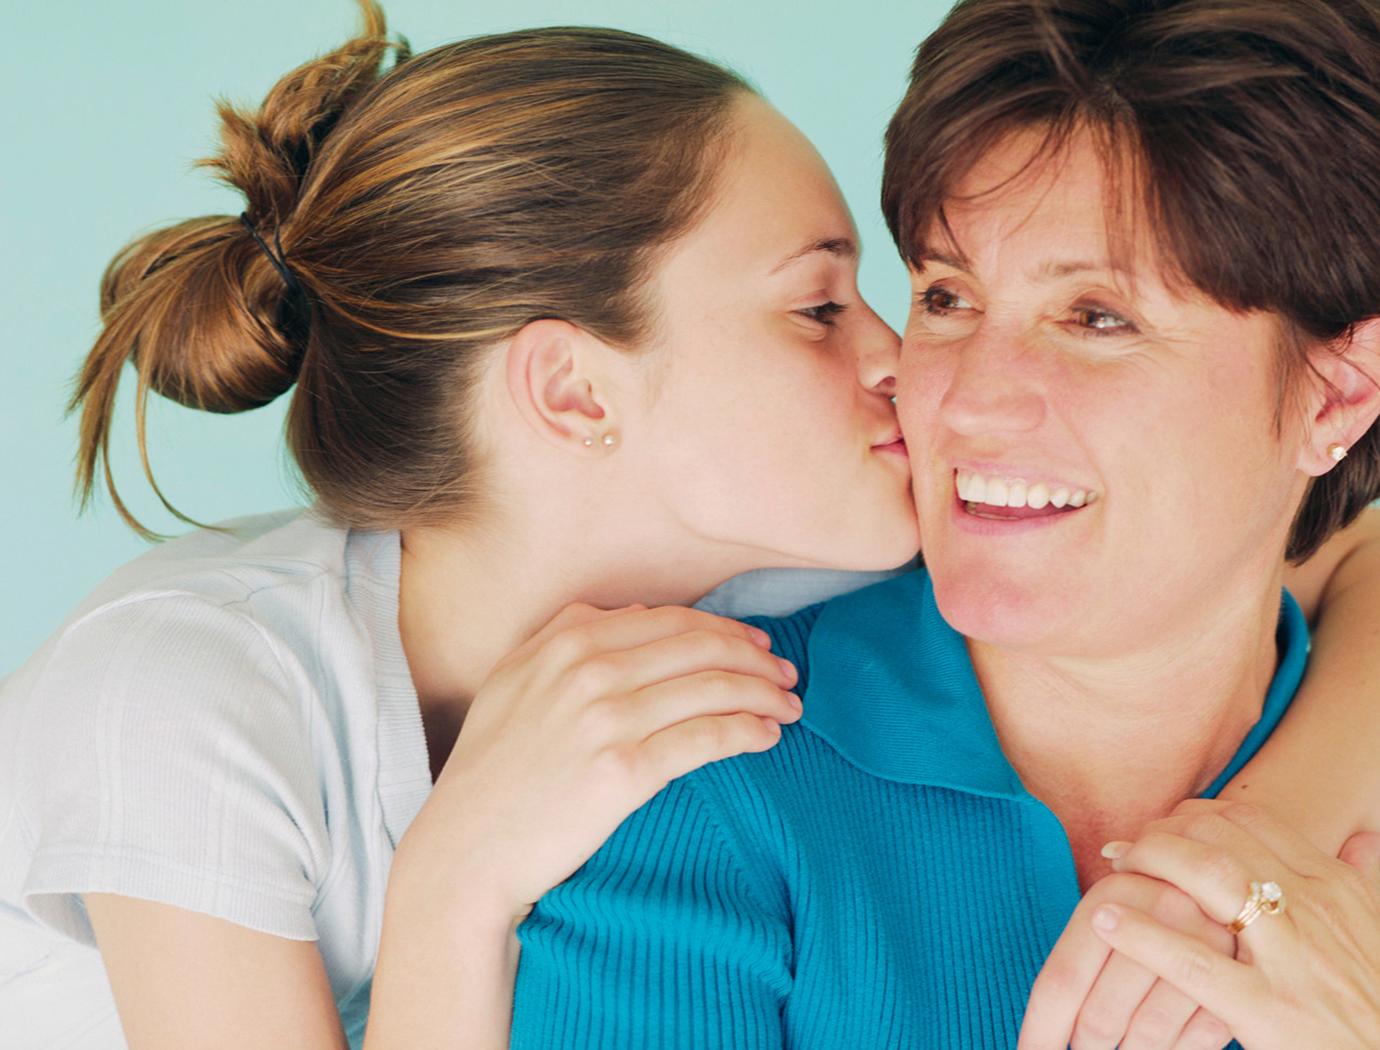 Син мивсі і мама 2 фотография